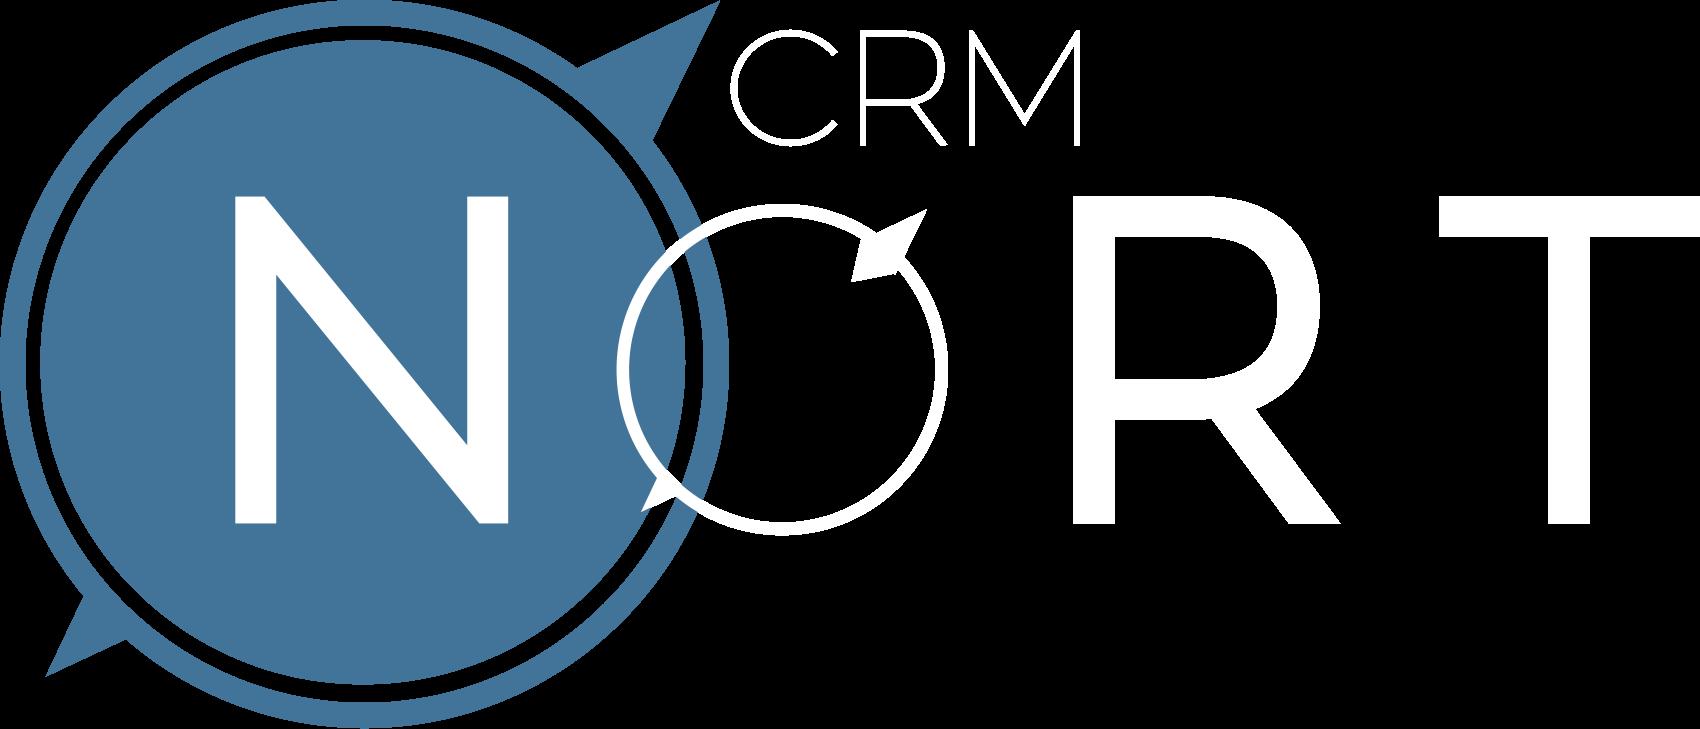 CRM Nort